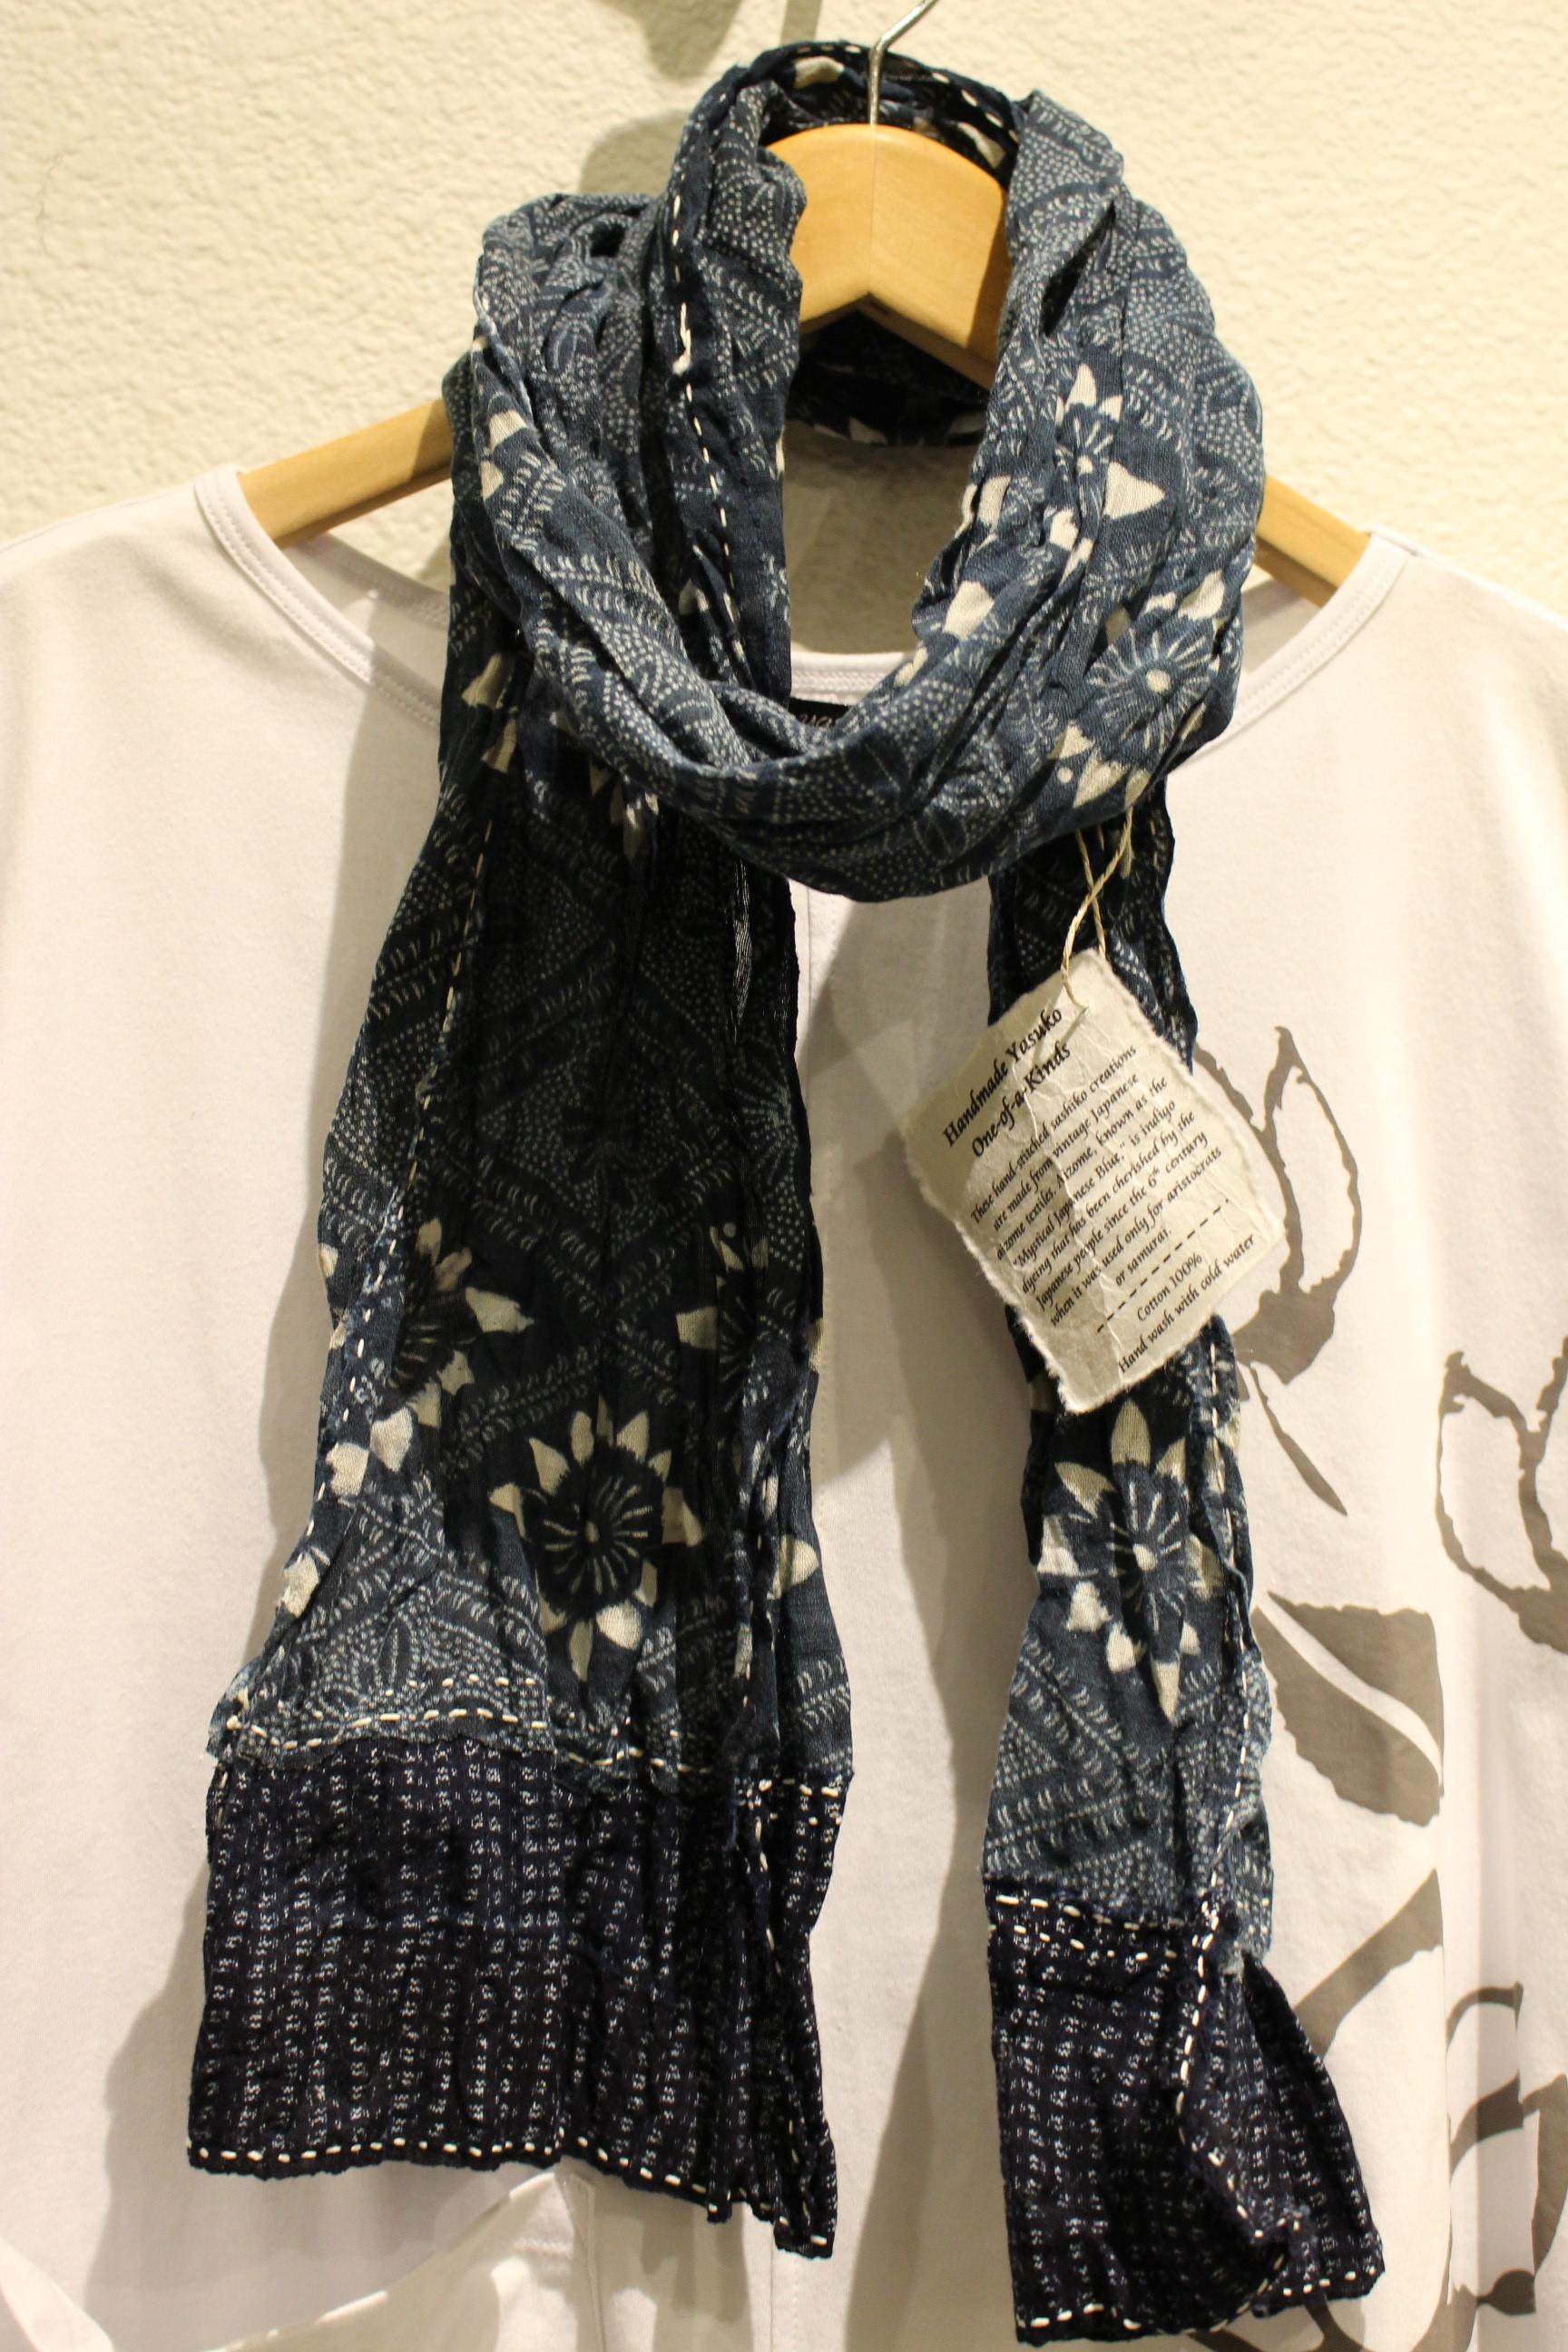 Aizome Cotton Scarf - Vintage aizome (indigo) cotton; katazome and kasuri with sashiko stitch